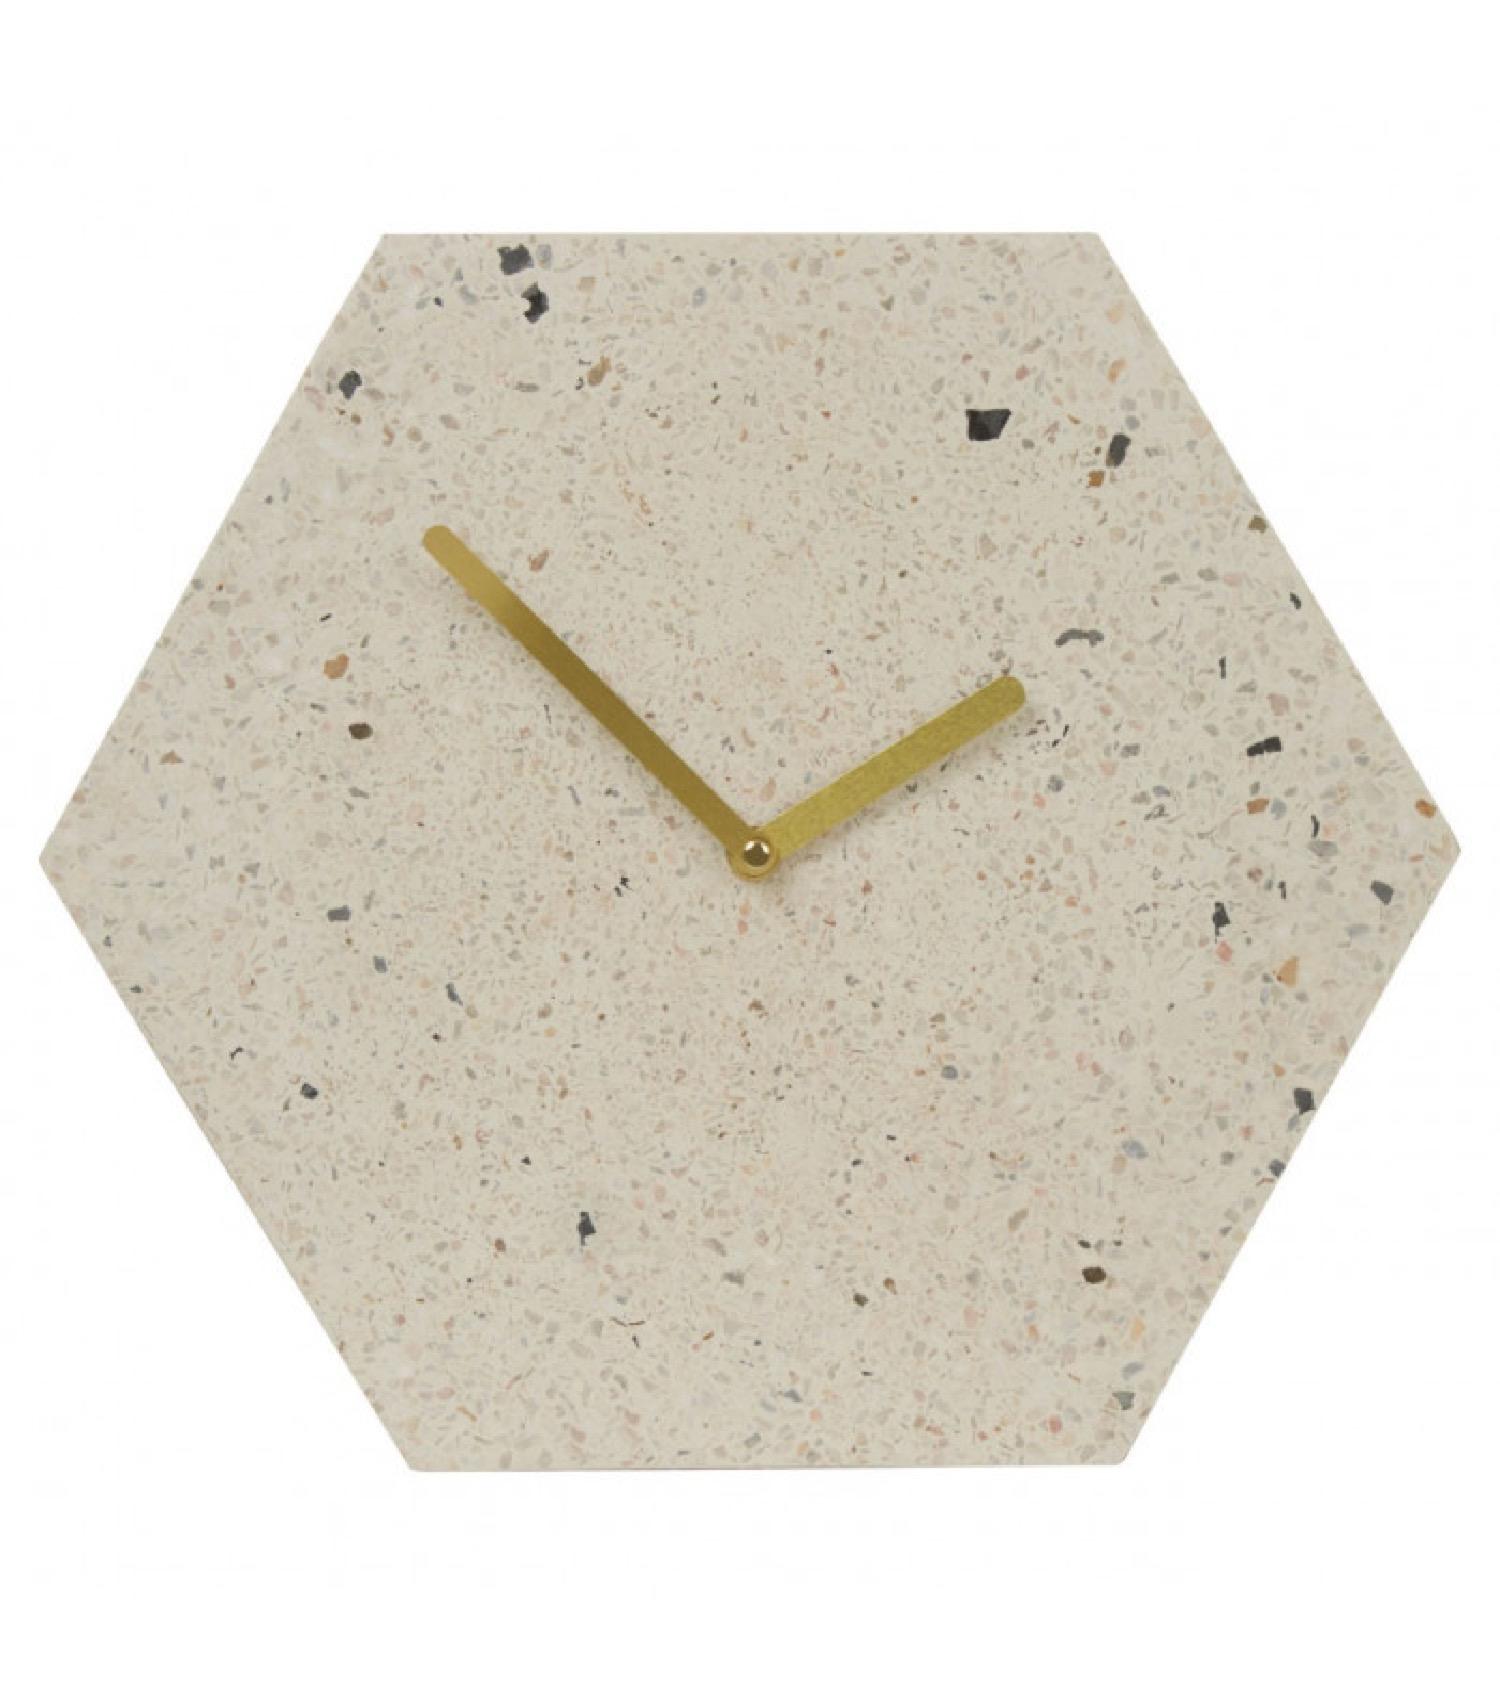 Horloge murale octogonale terrazzo 30x26cm